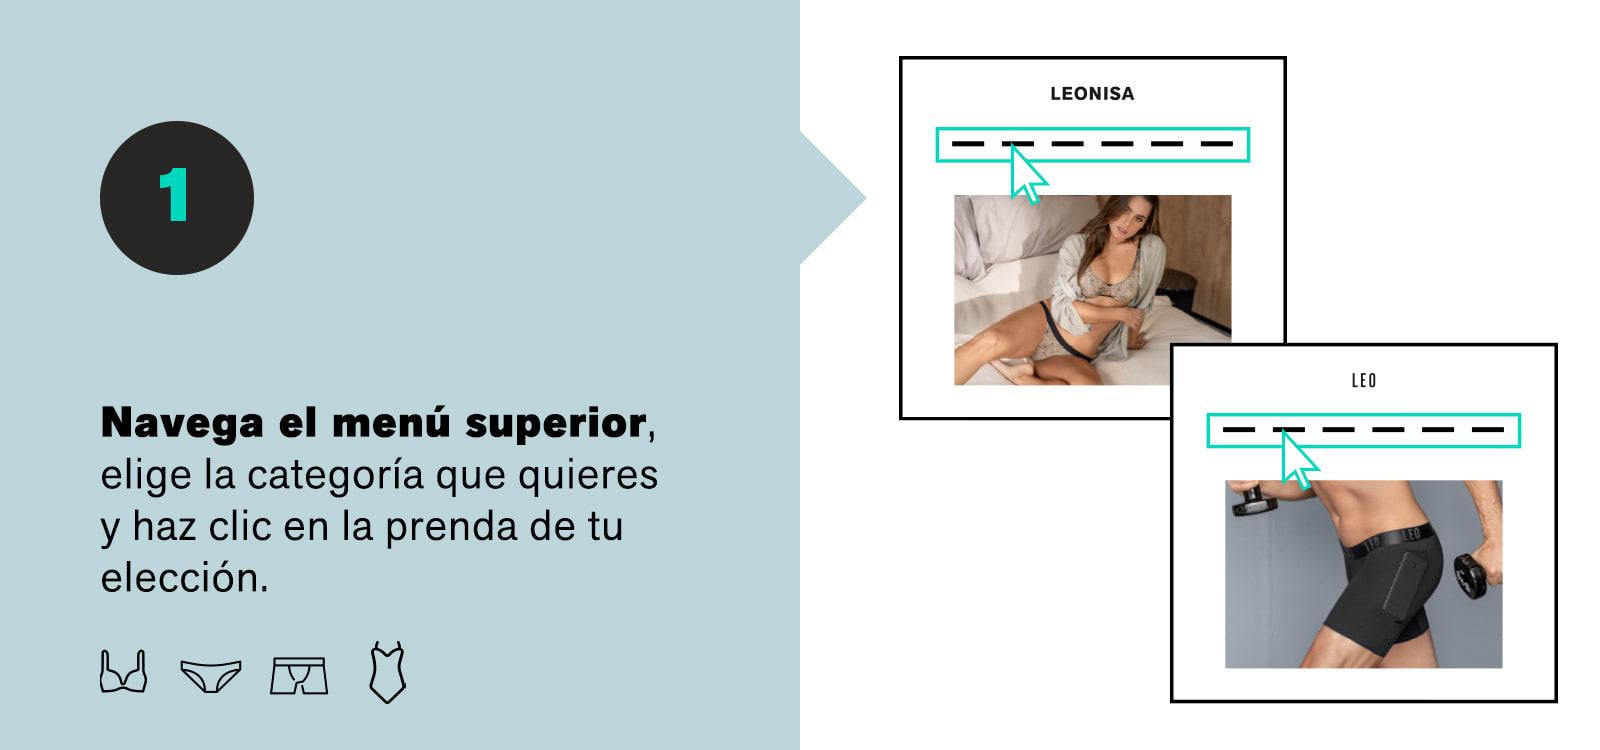 Cómo comprar online Paso 1 - Leonisa